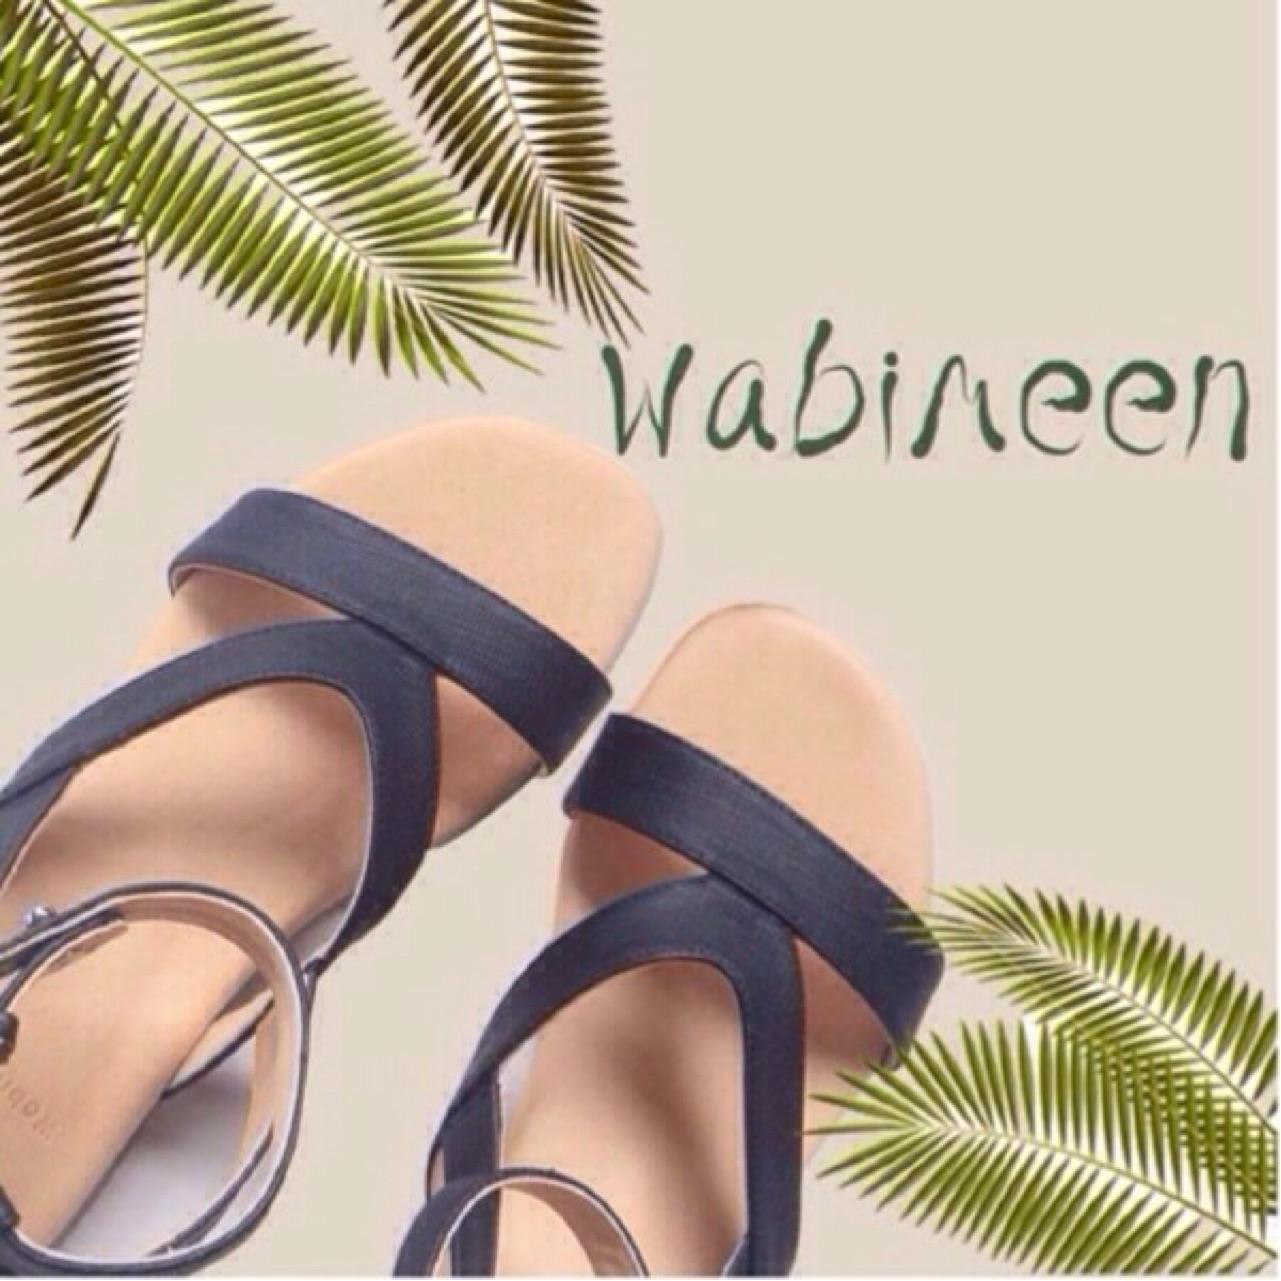 Wabin